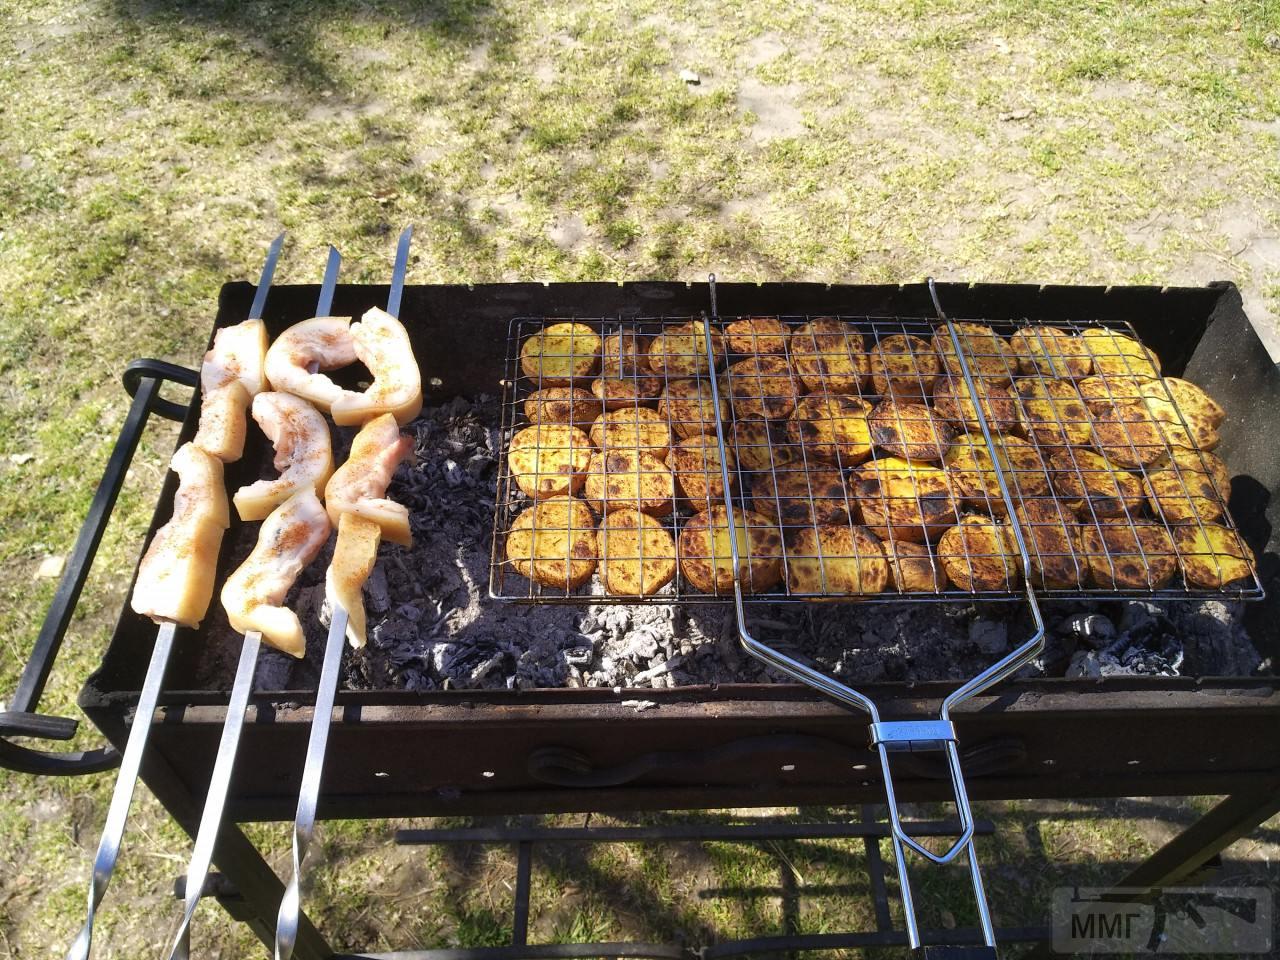 97803 - Закуски на огне (мангал, барбекю и т.д.) и кулинария вообще. Советы и рецепты.